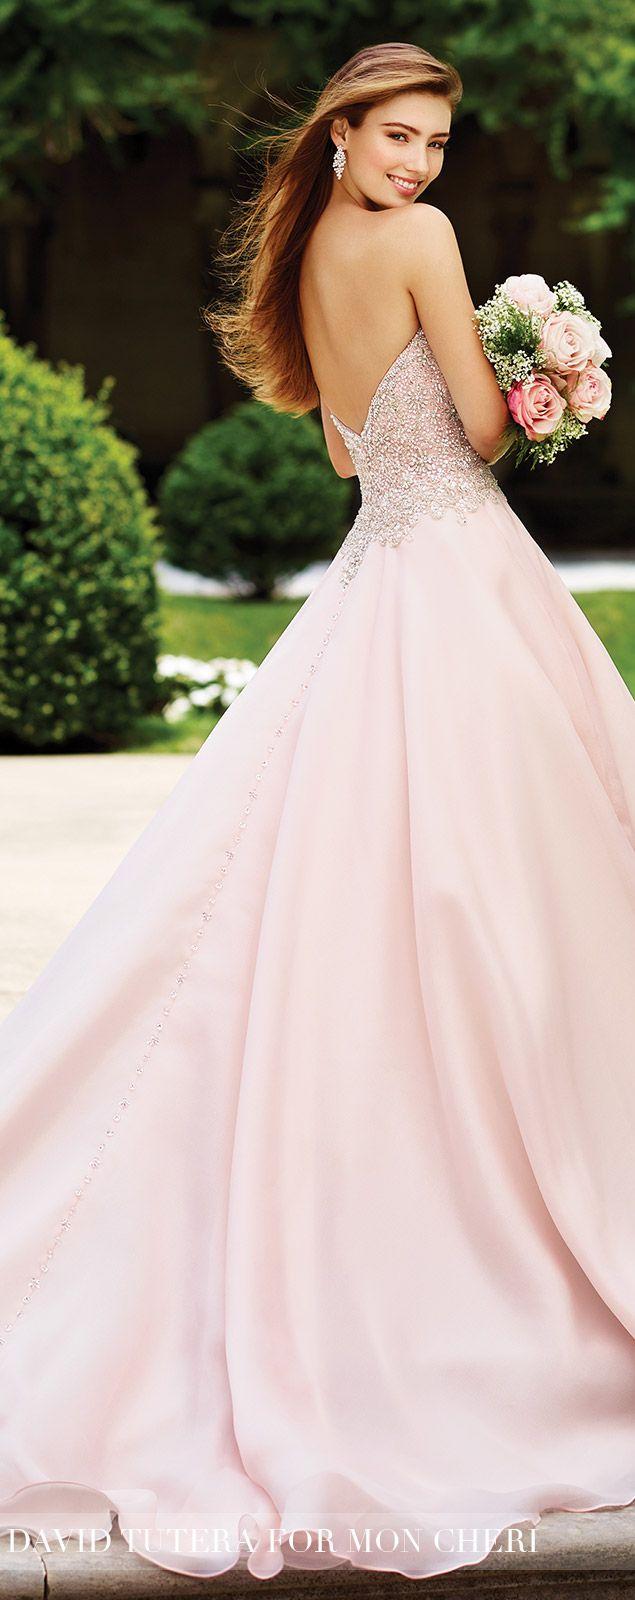 best sublimissime images on pinterest princess fancy dress